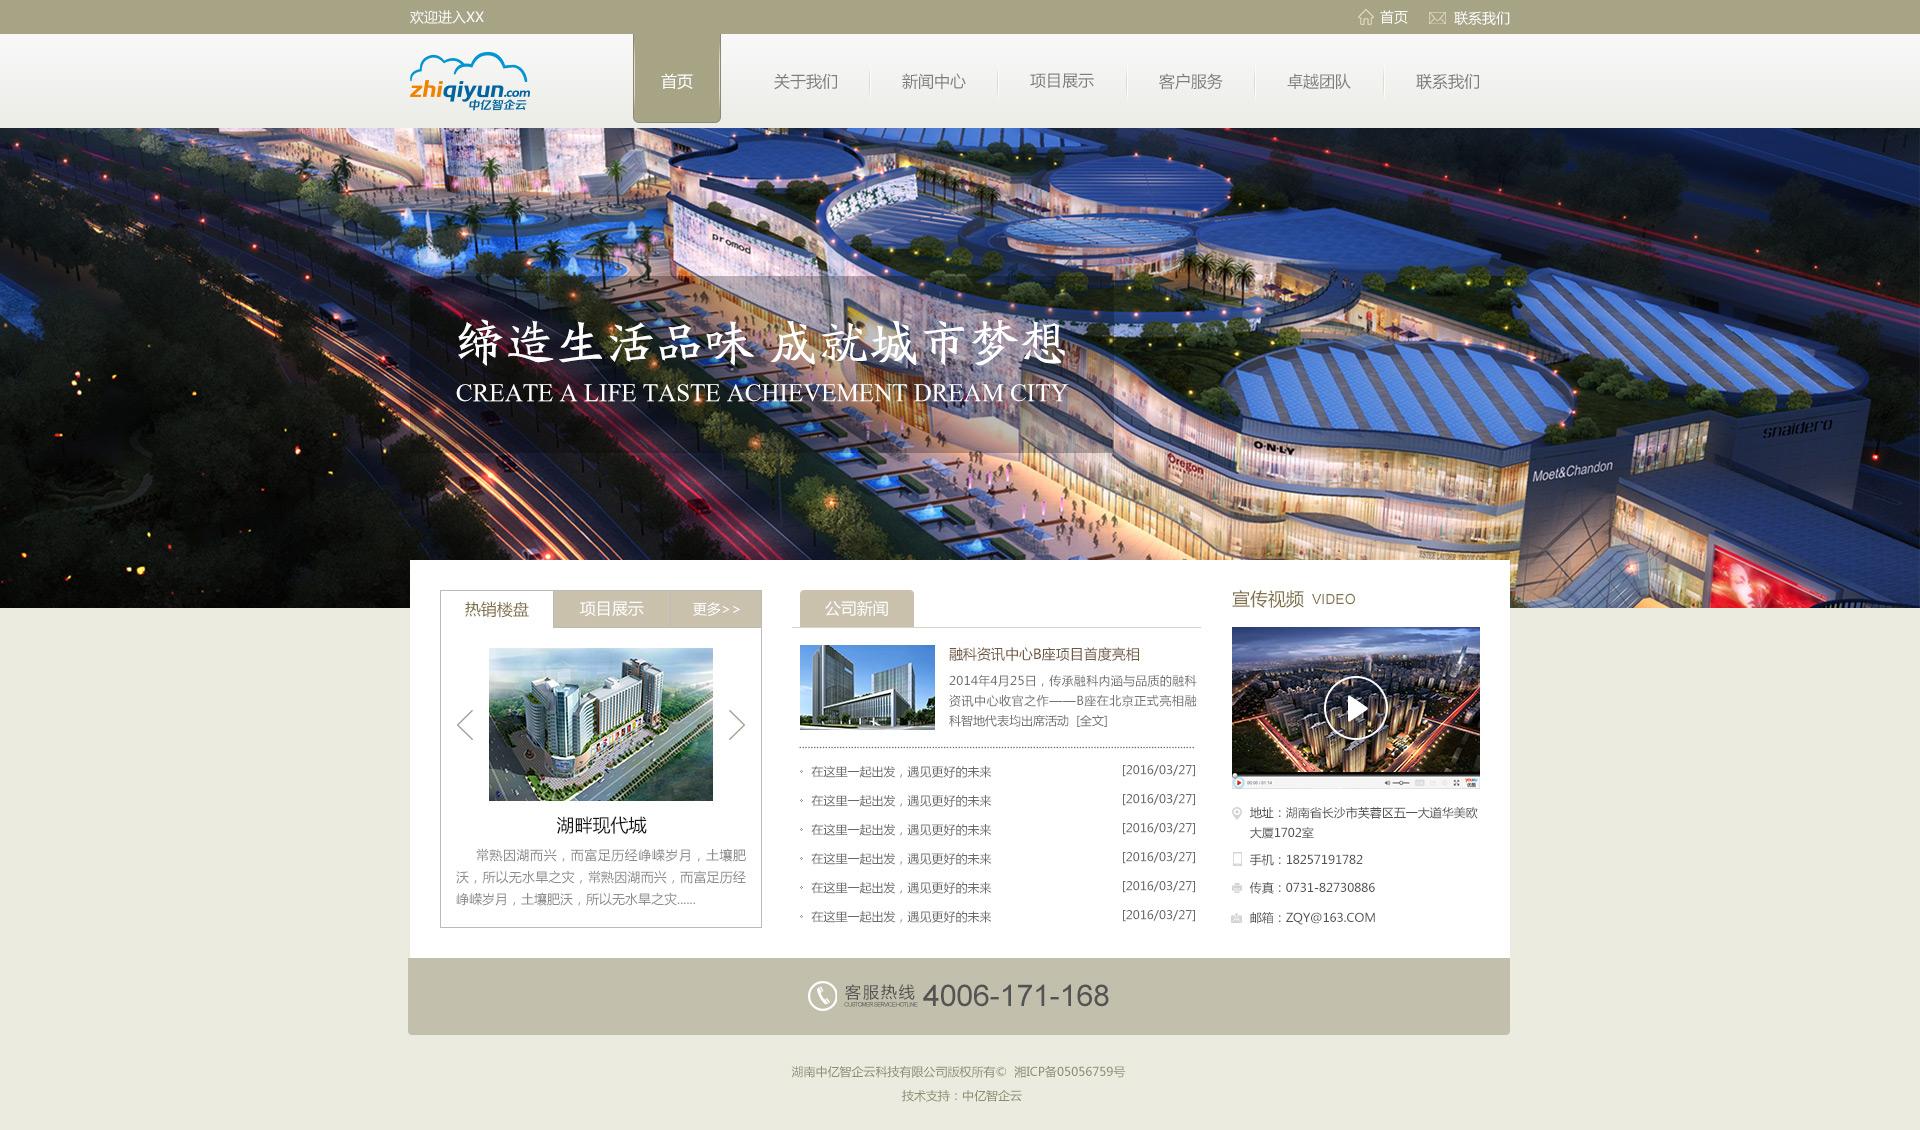 房地产集团手机WAP网站设计方案